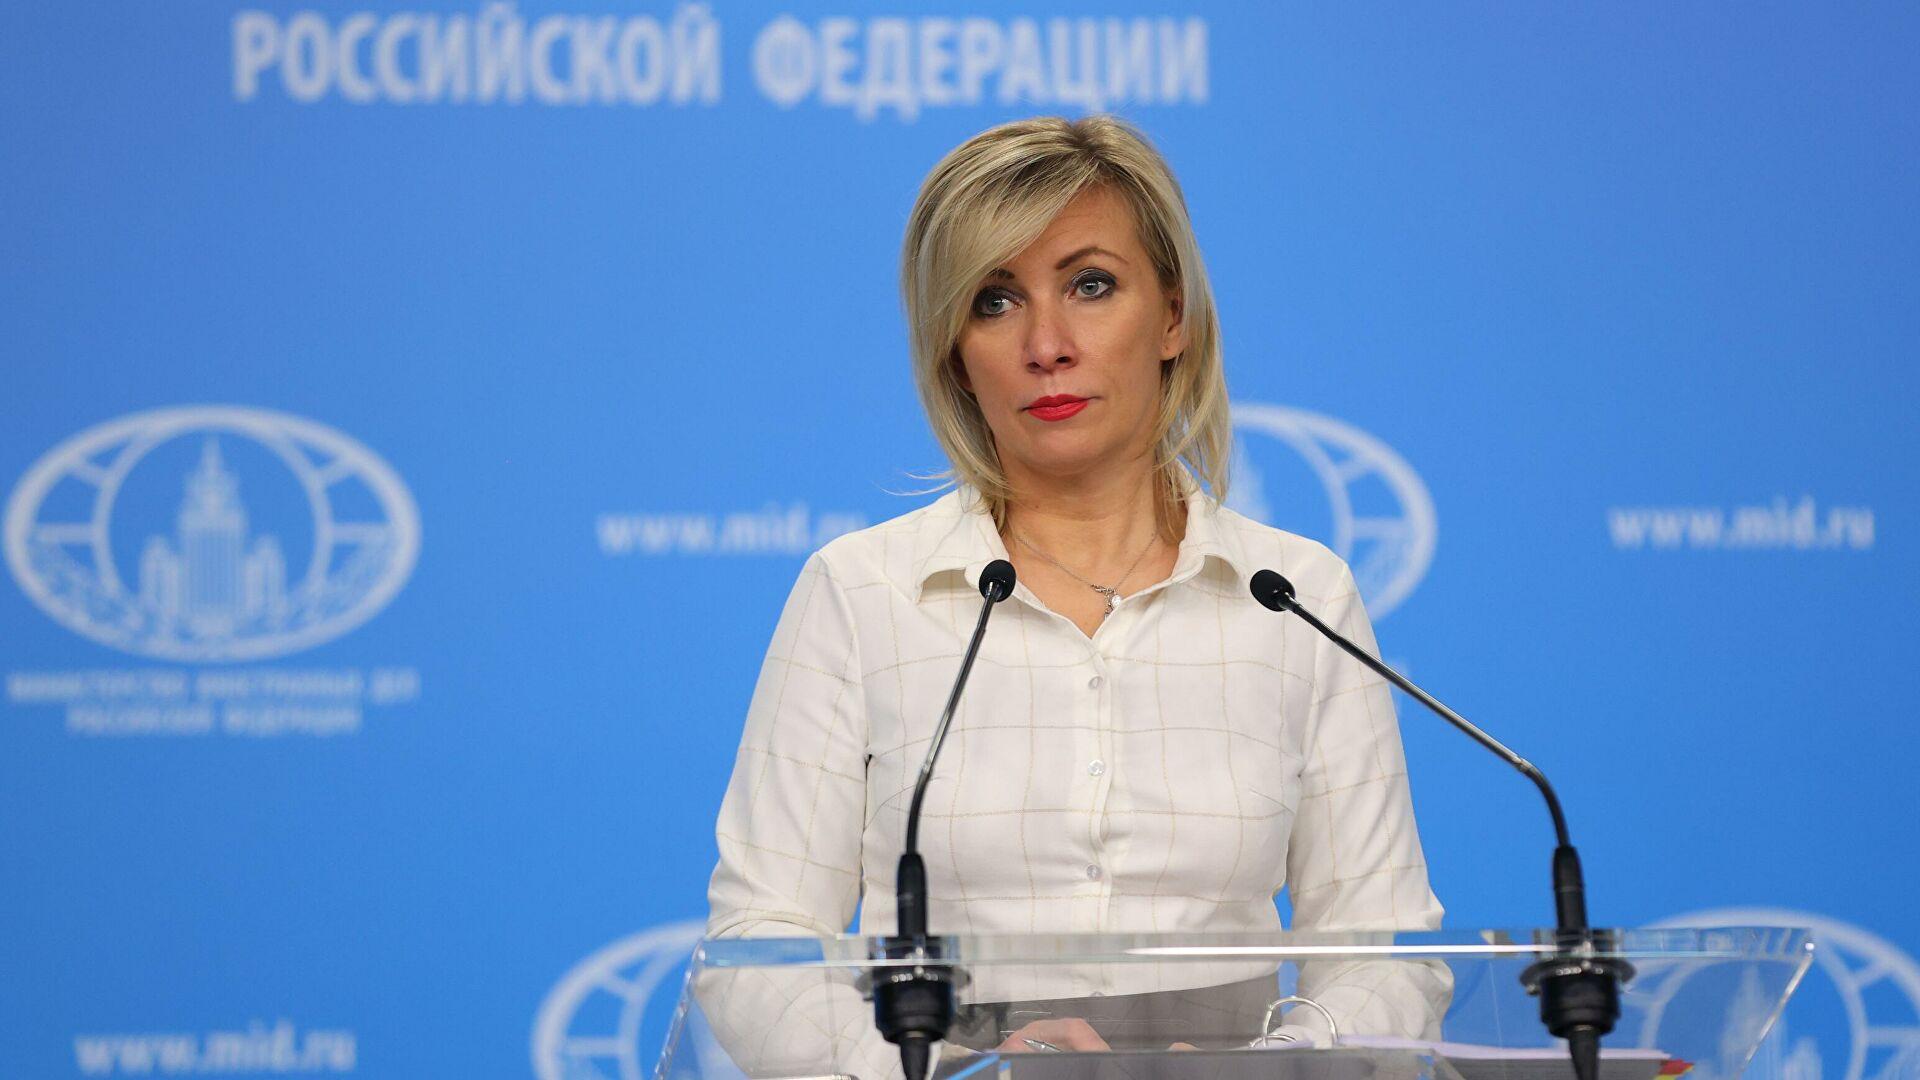 Moskva: Pozivamo Ukrajinu i zemlje NATO-a da prekinu histeričnu propagandnu kampanju rusofobije